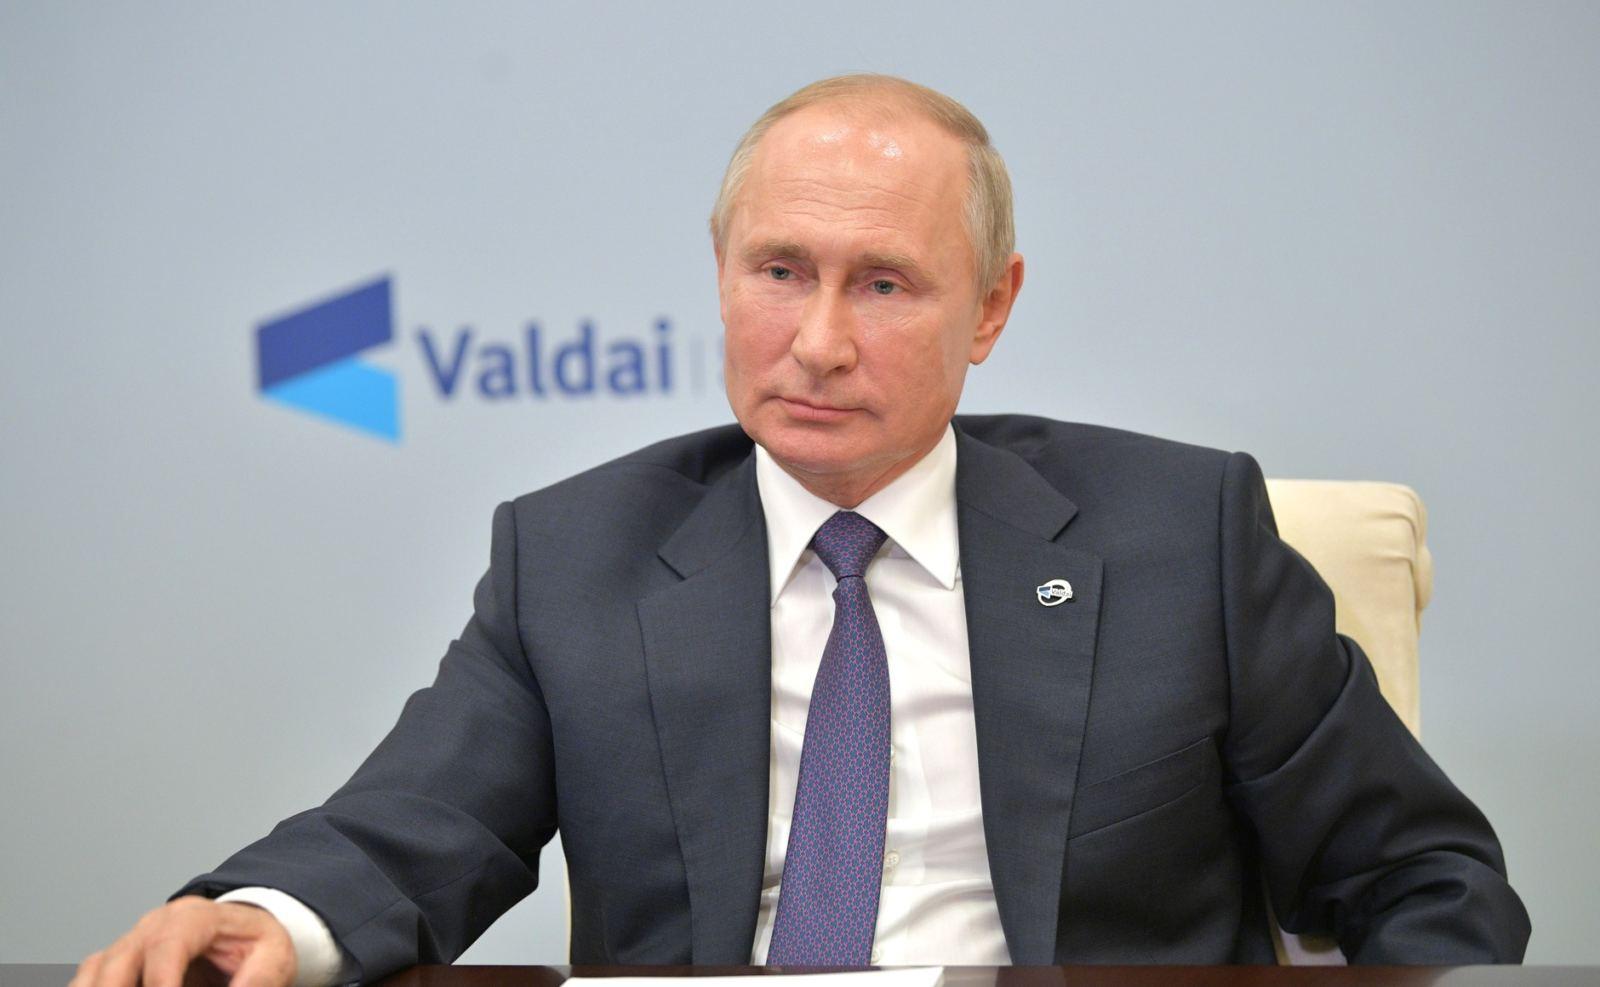 Valdai-Konferenz: Putin im O-Ton über die russische Politik gegenüber den ehemaligen Sowjetrepubliken